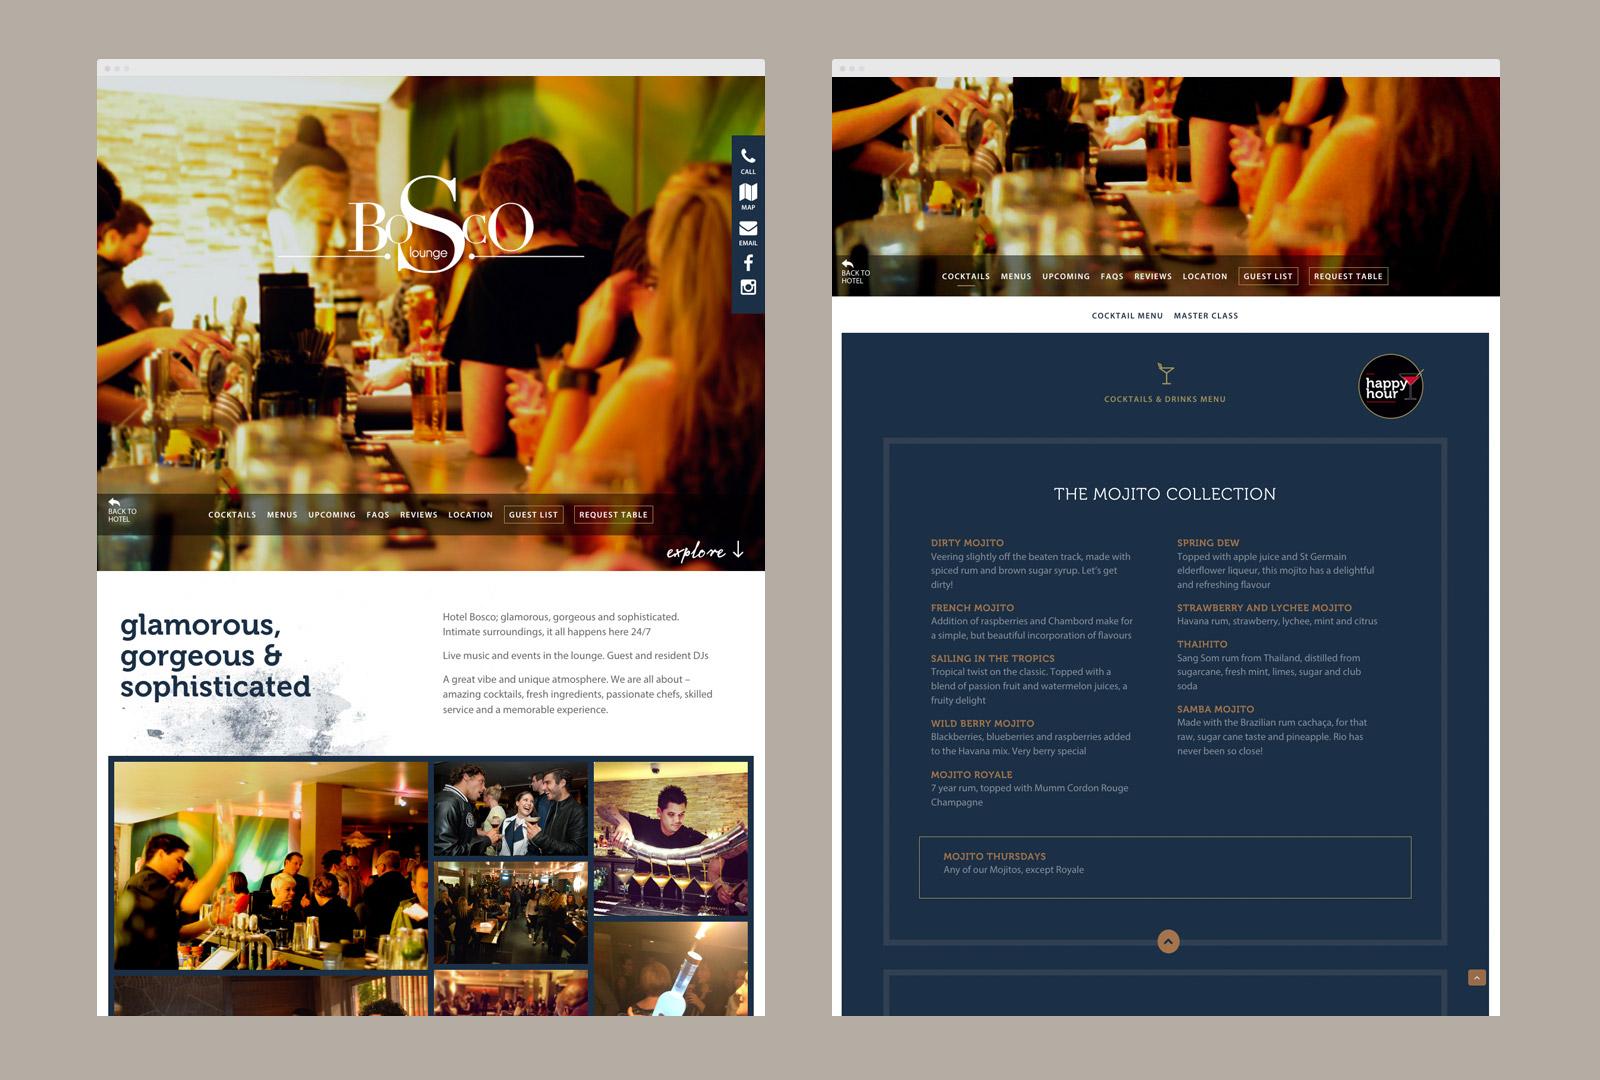 Bosco Lounge website